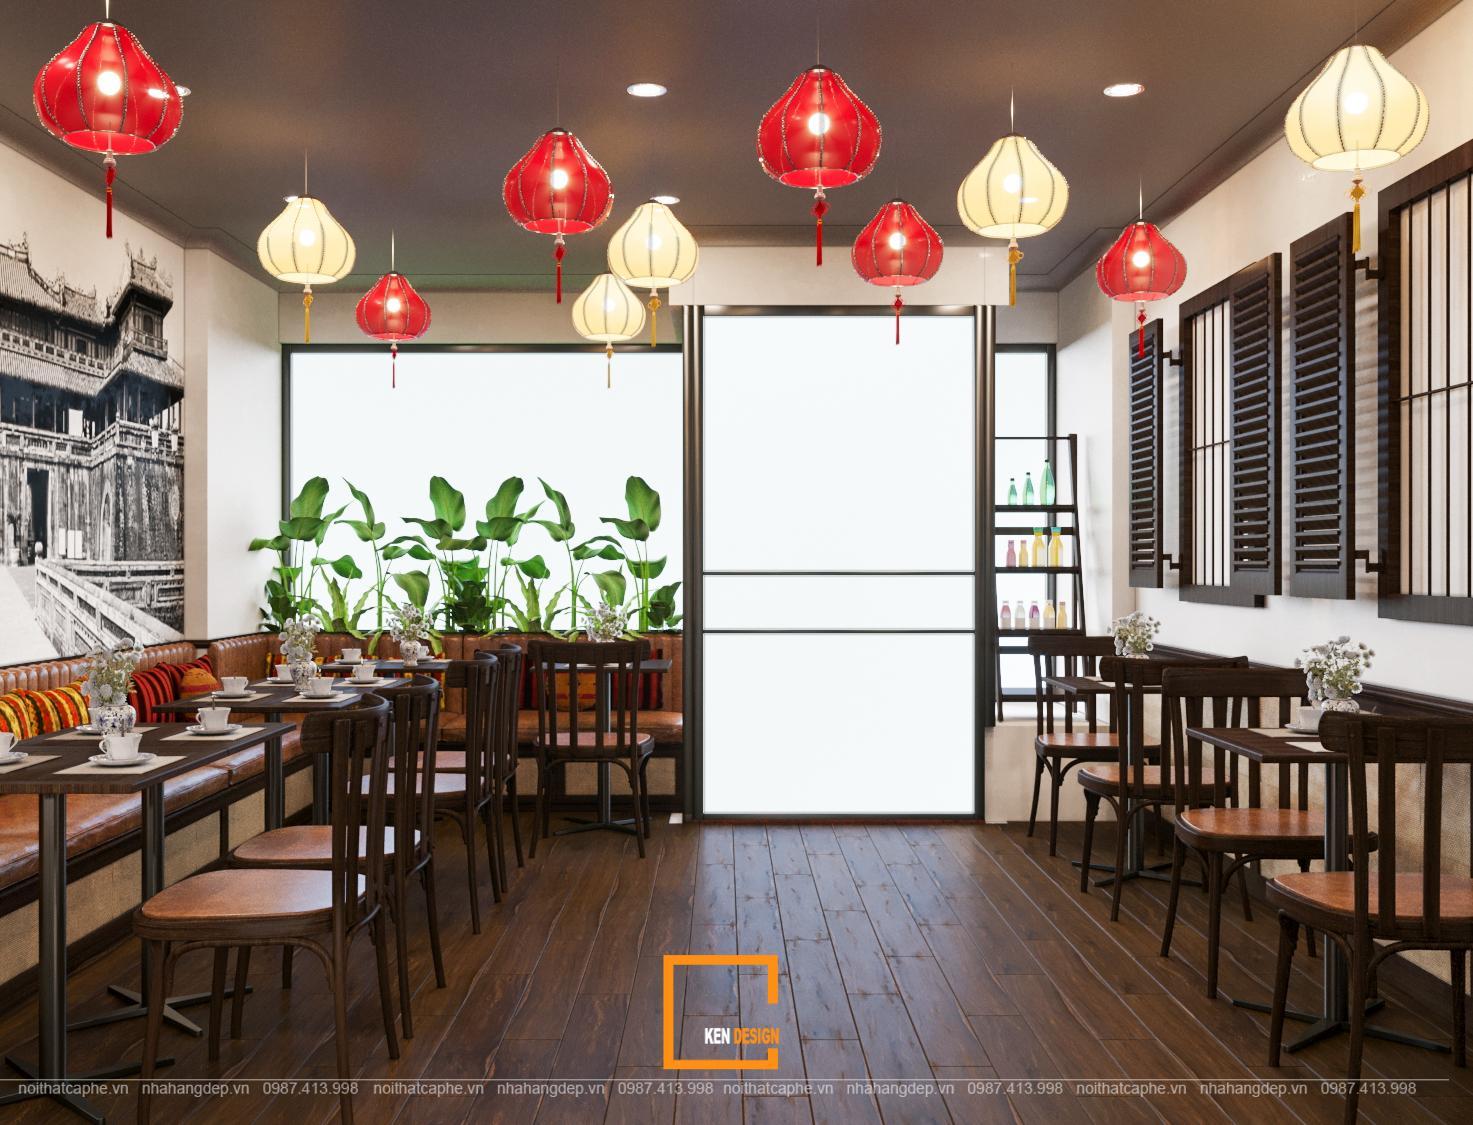 Thiet Ke Nha Hang Binh Dan Xay Dung Khong Gian An Uong Hieu Qua (4)